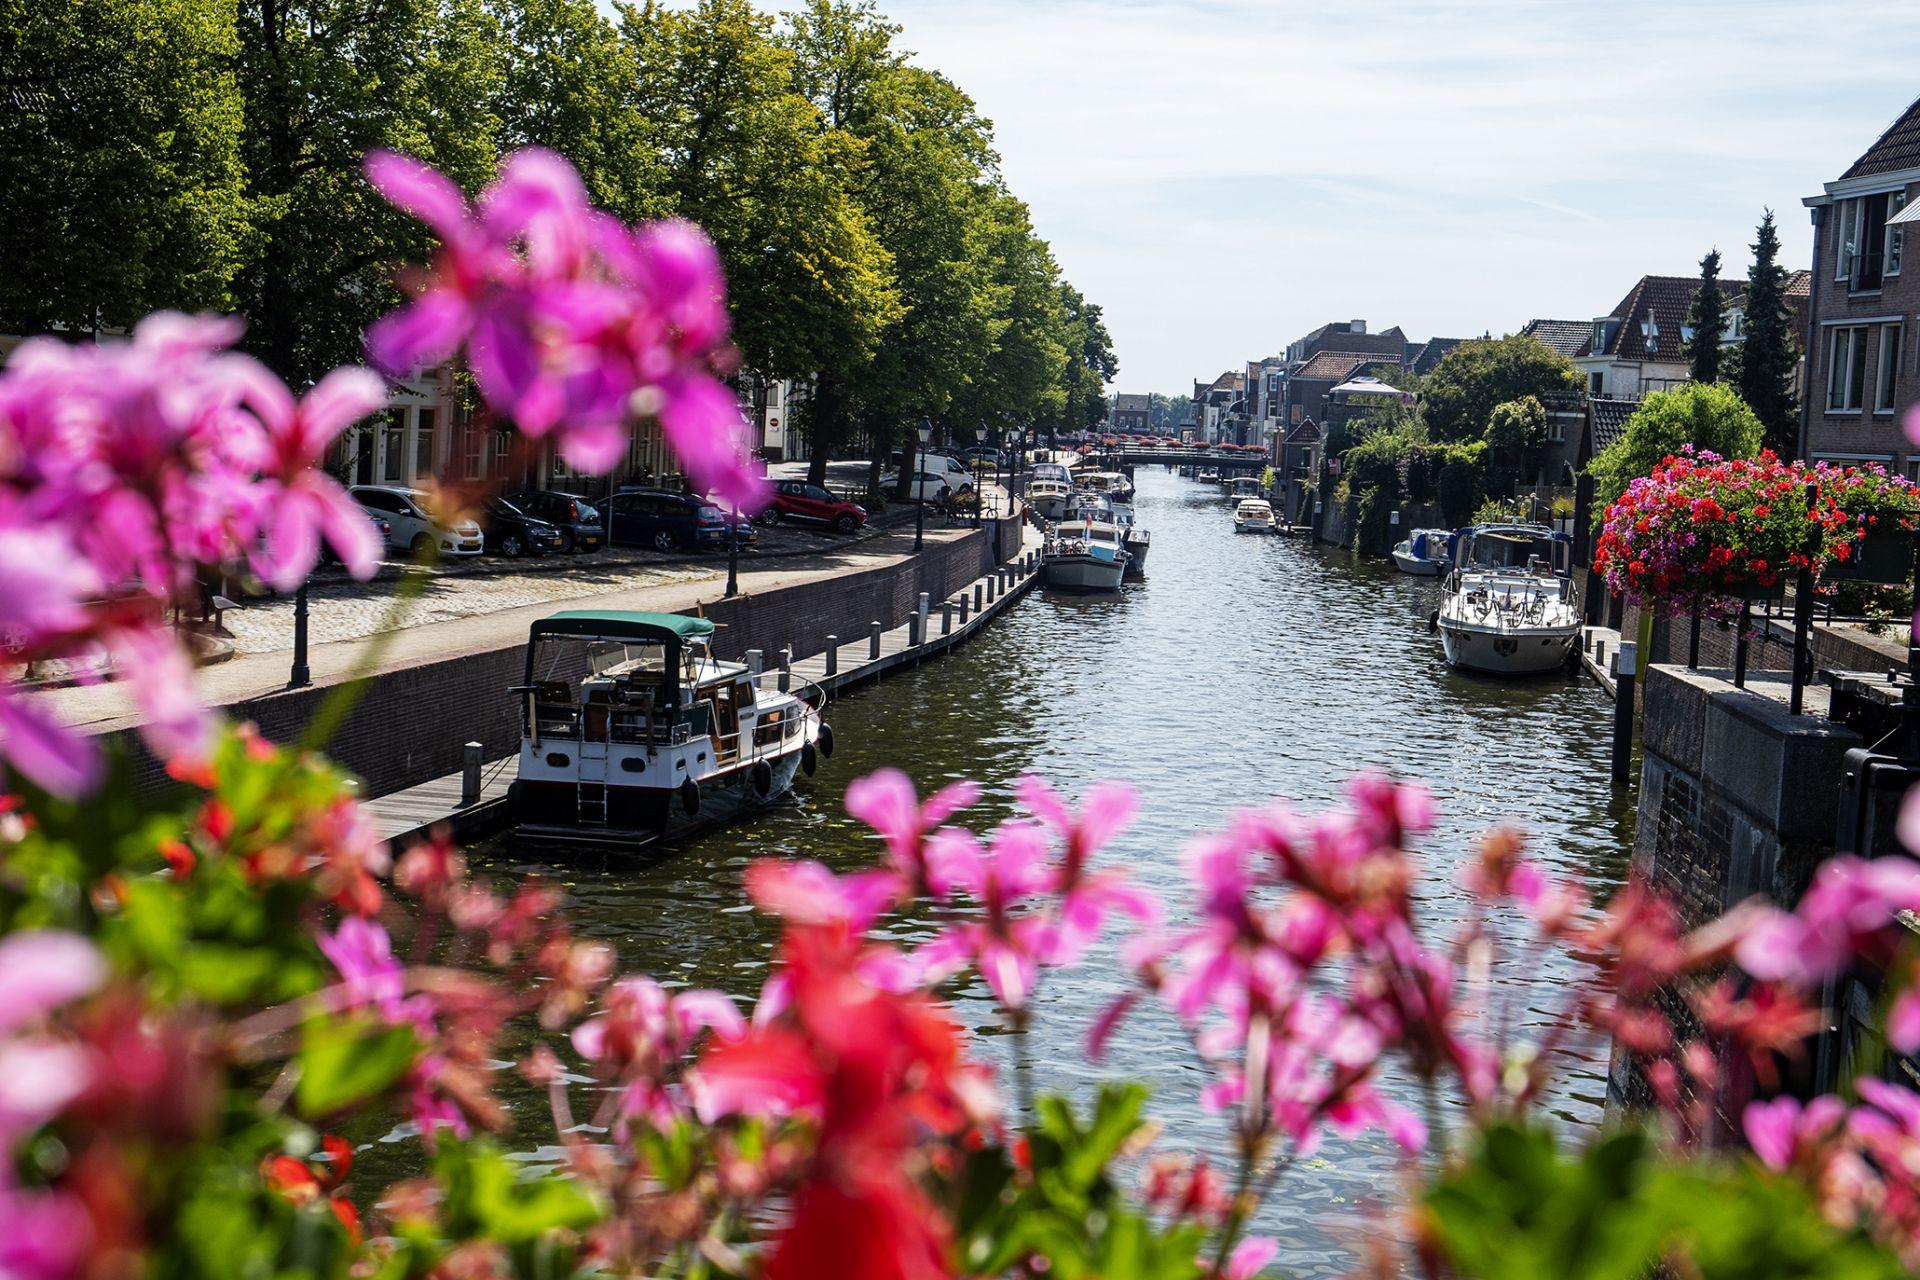 De stad Gorinchem is heel mooi